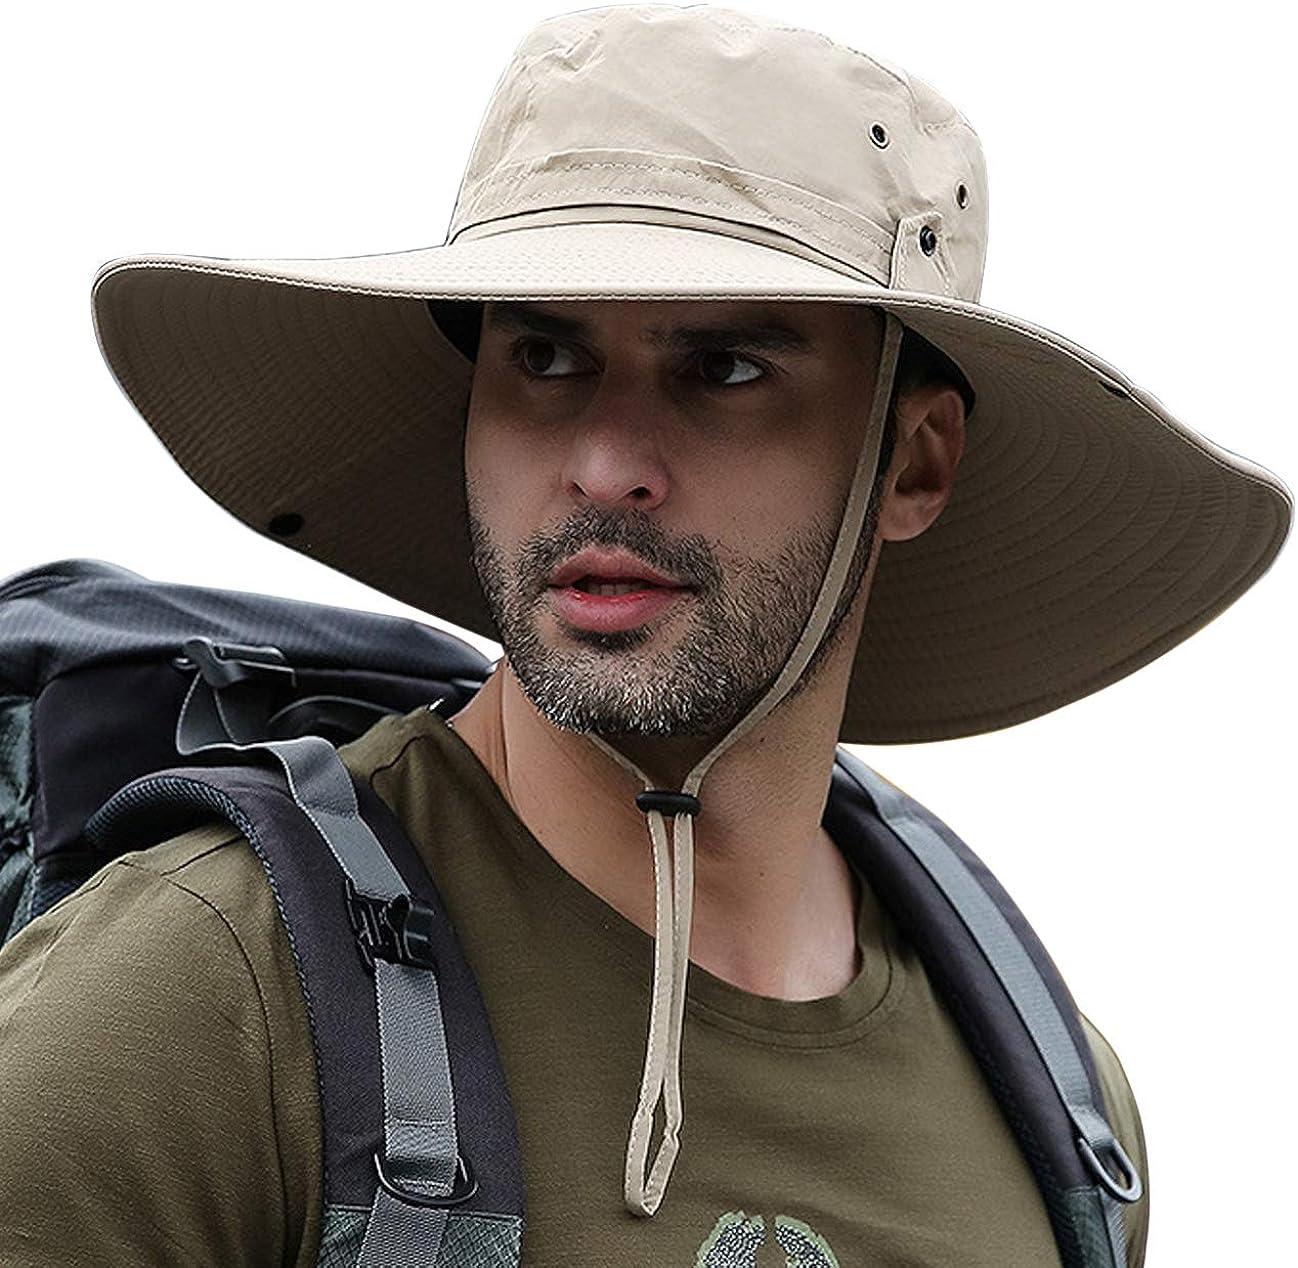 The Best Garden Hats For Men Xl